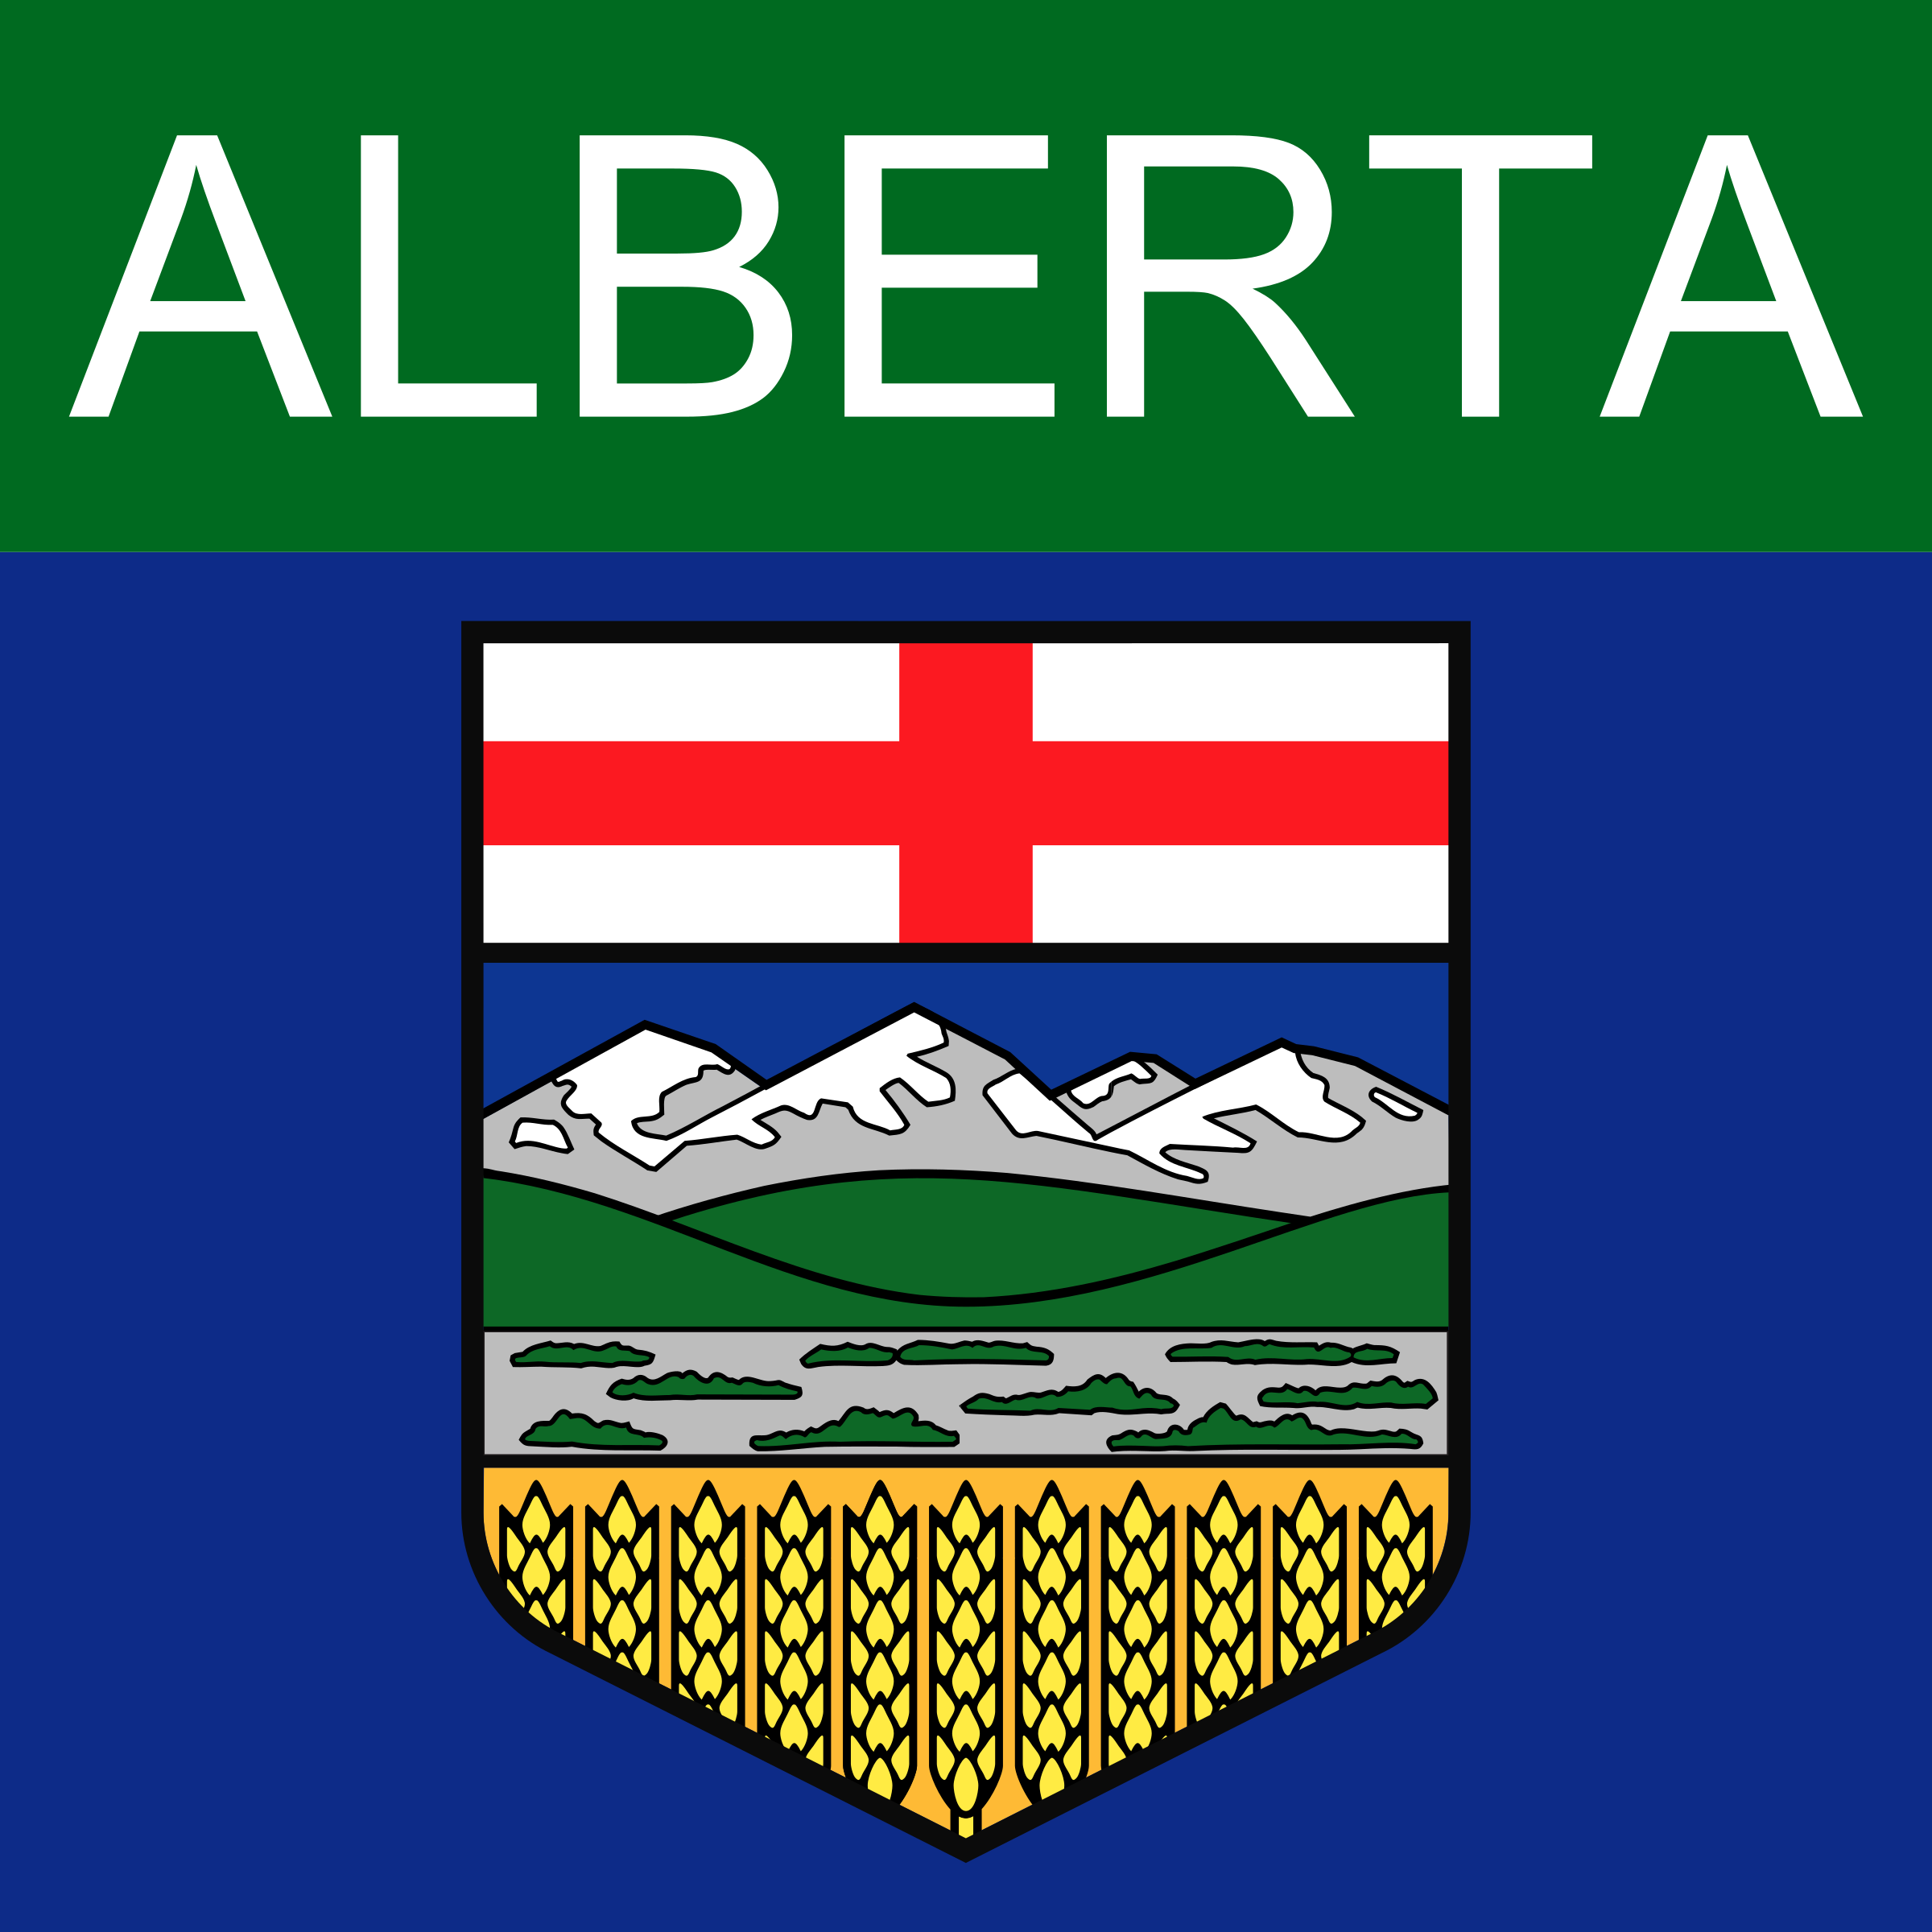 Alberta clipart #13, Download drawings